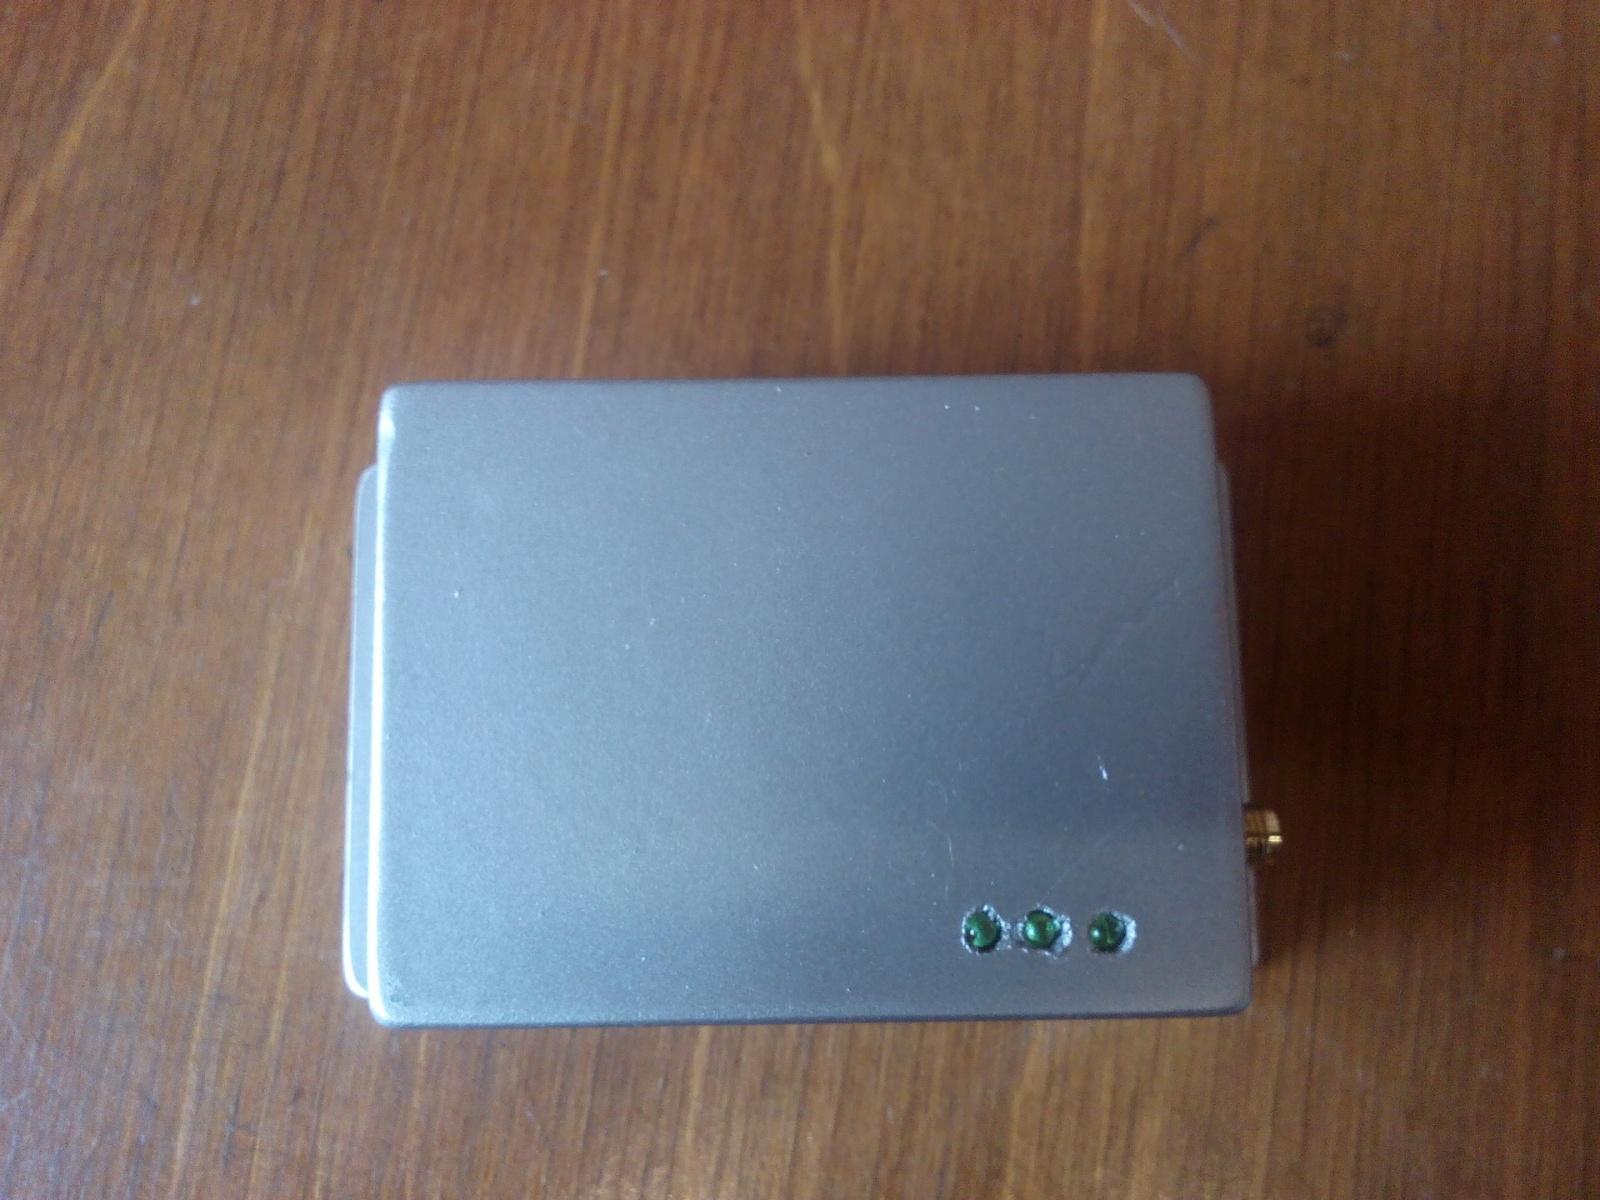 GPS трекер для автомобиля своими руками - 4